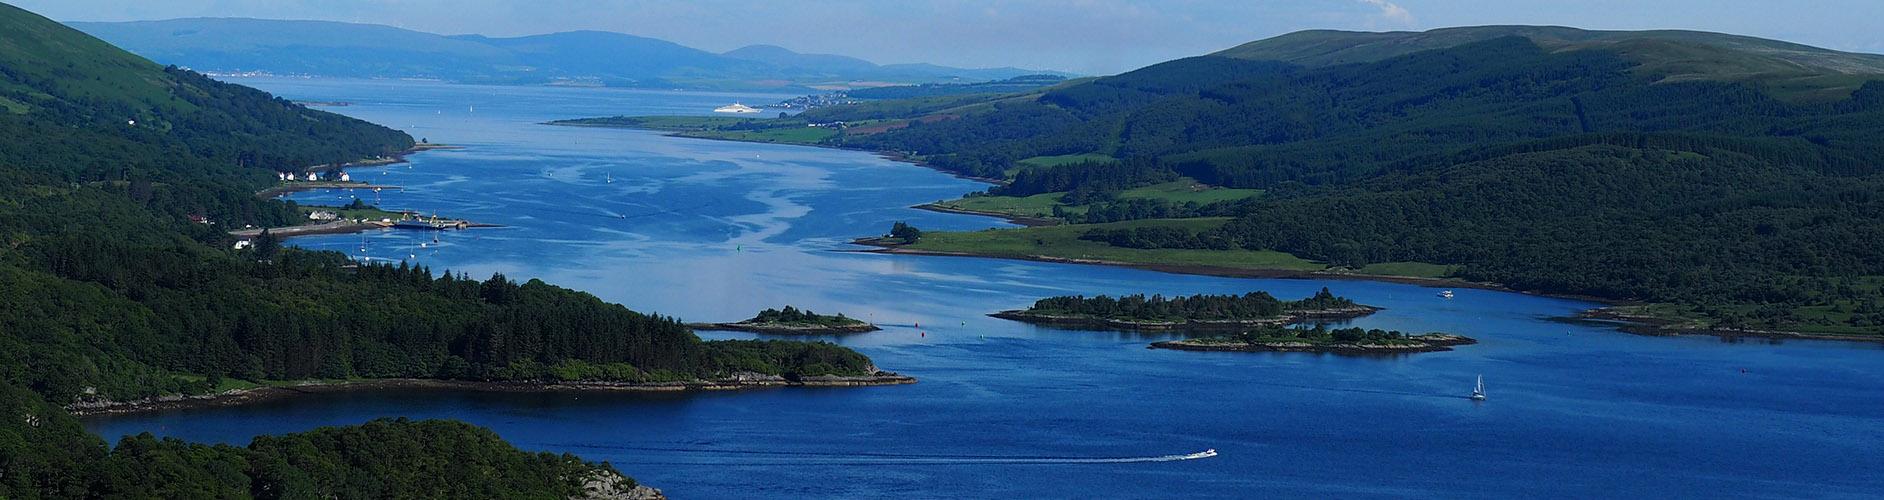 Kyles and the Isles Cruises - Scottish Island Cruises